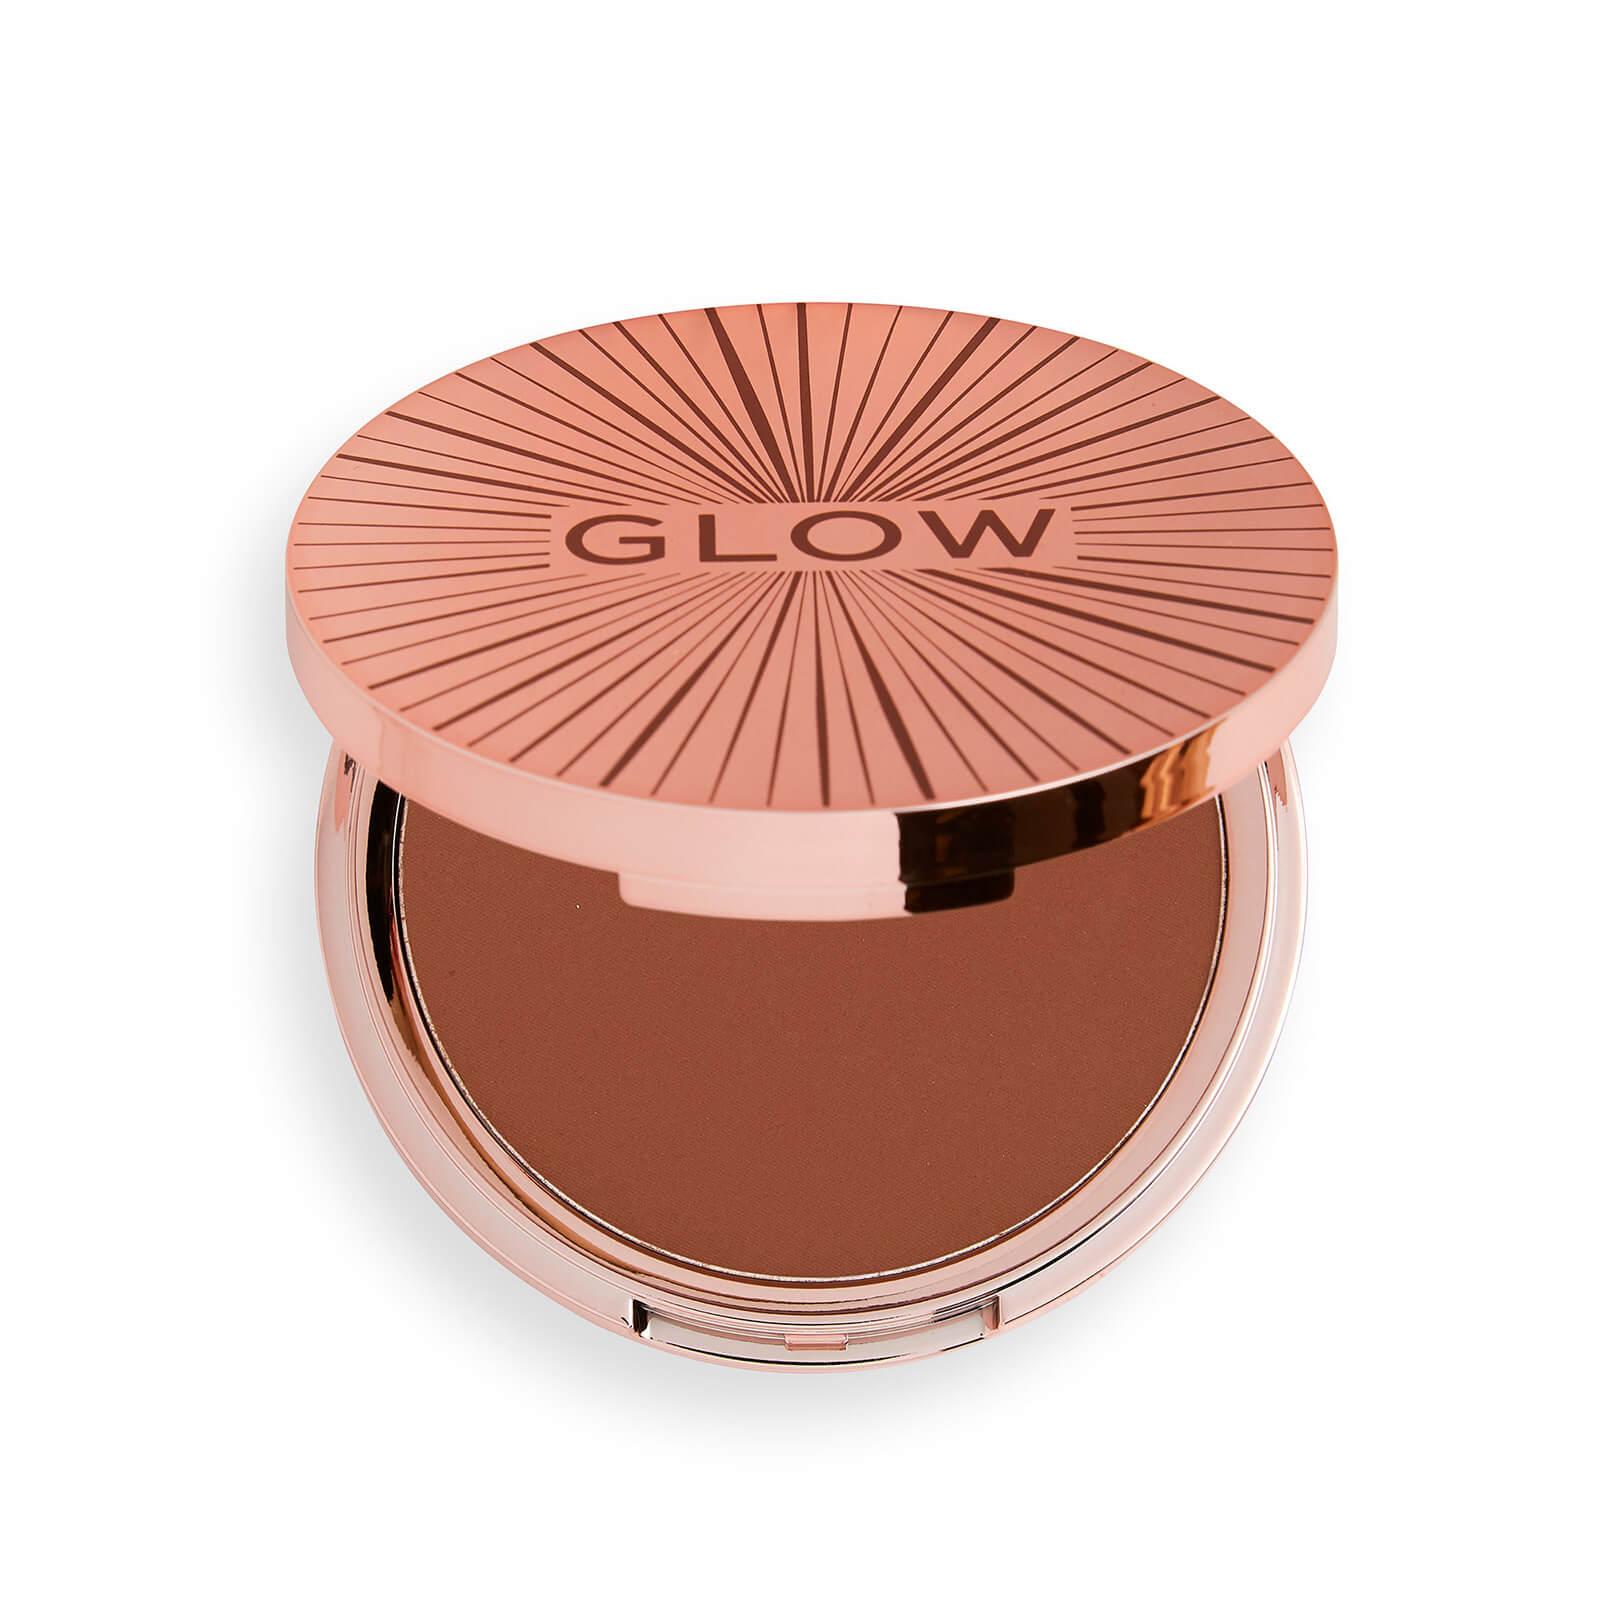 Купить Revolution Glow Splendour Bronzer (Various Shades) - Medium